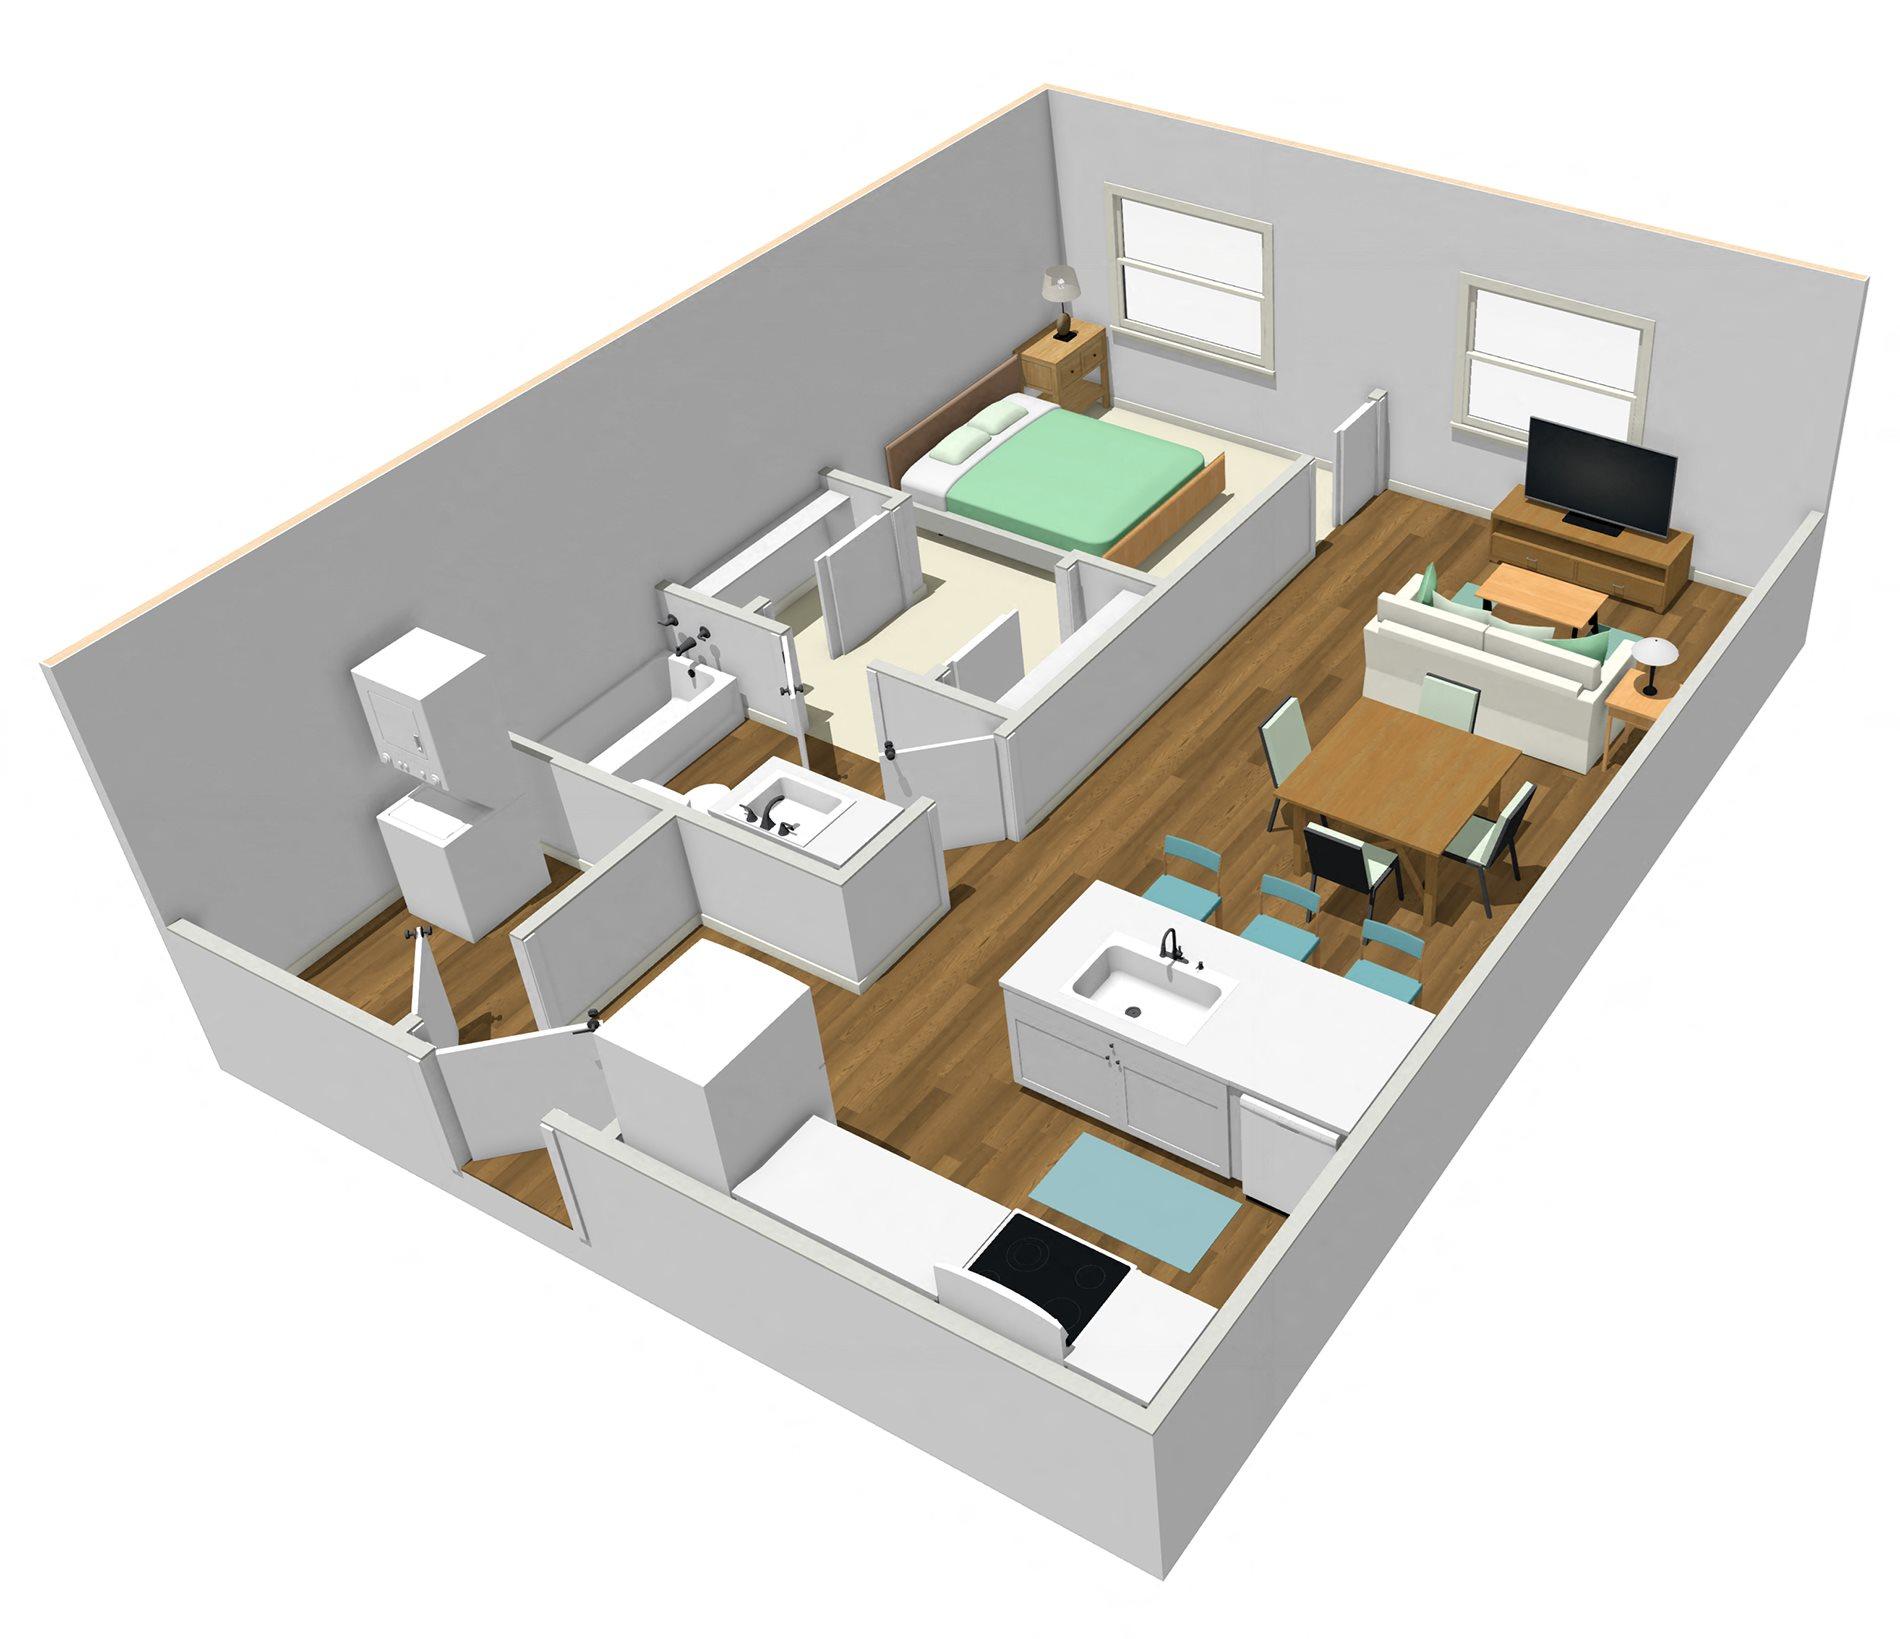 C-1 Floor Plan 2